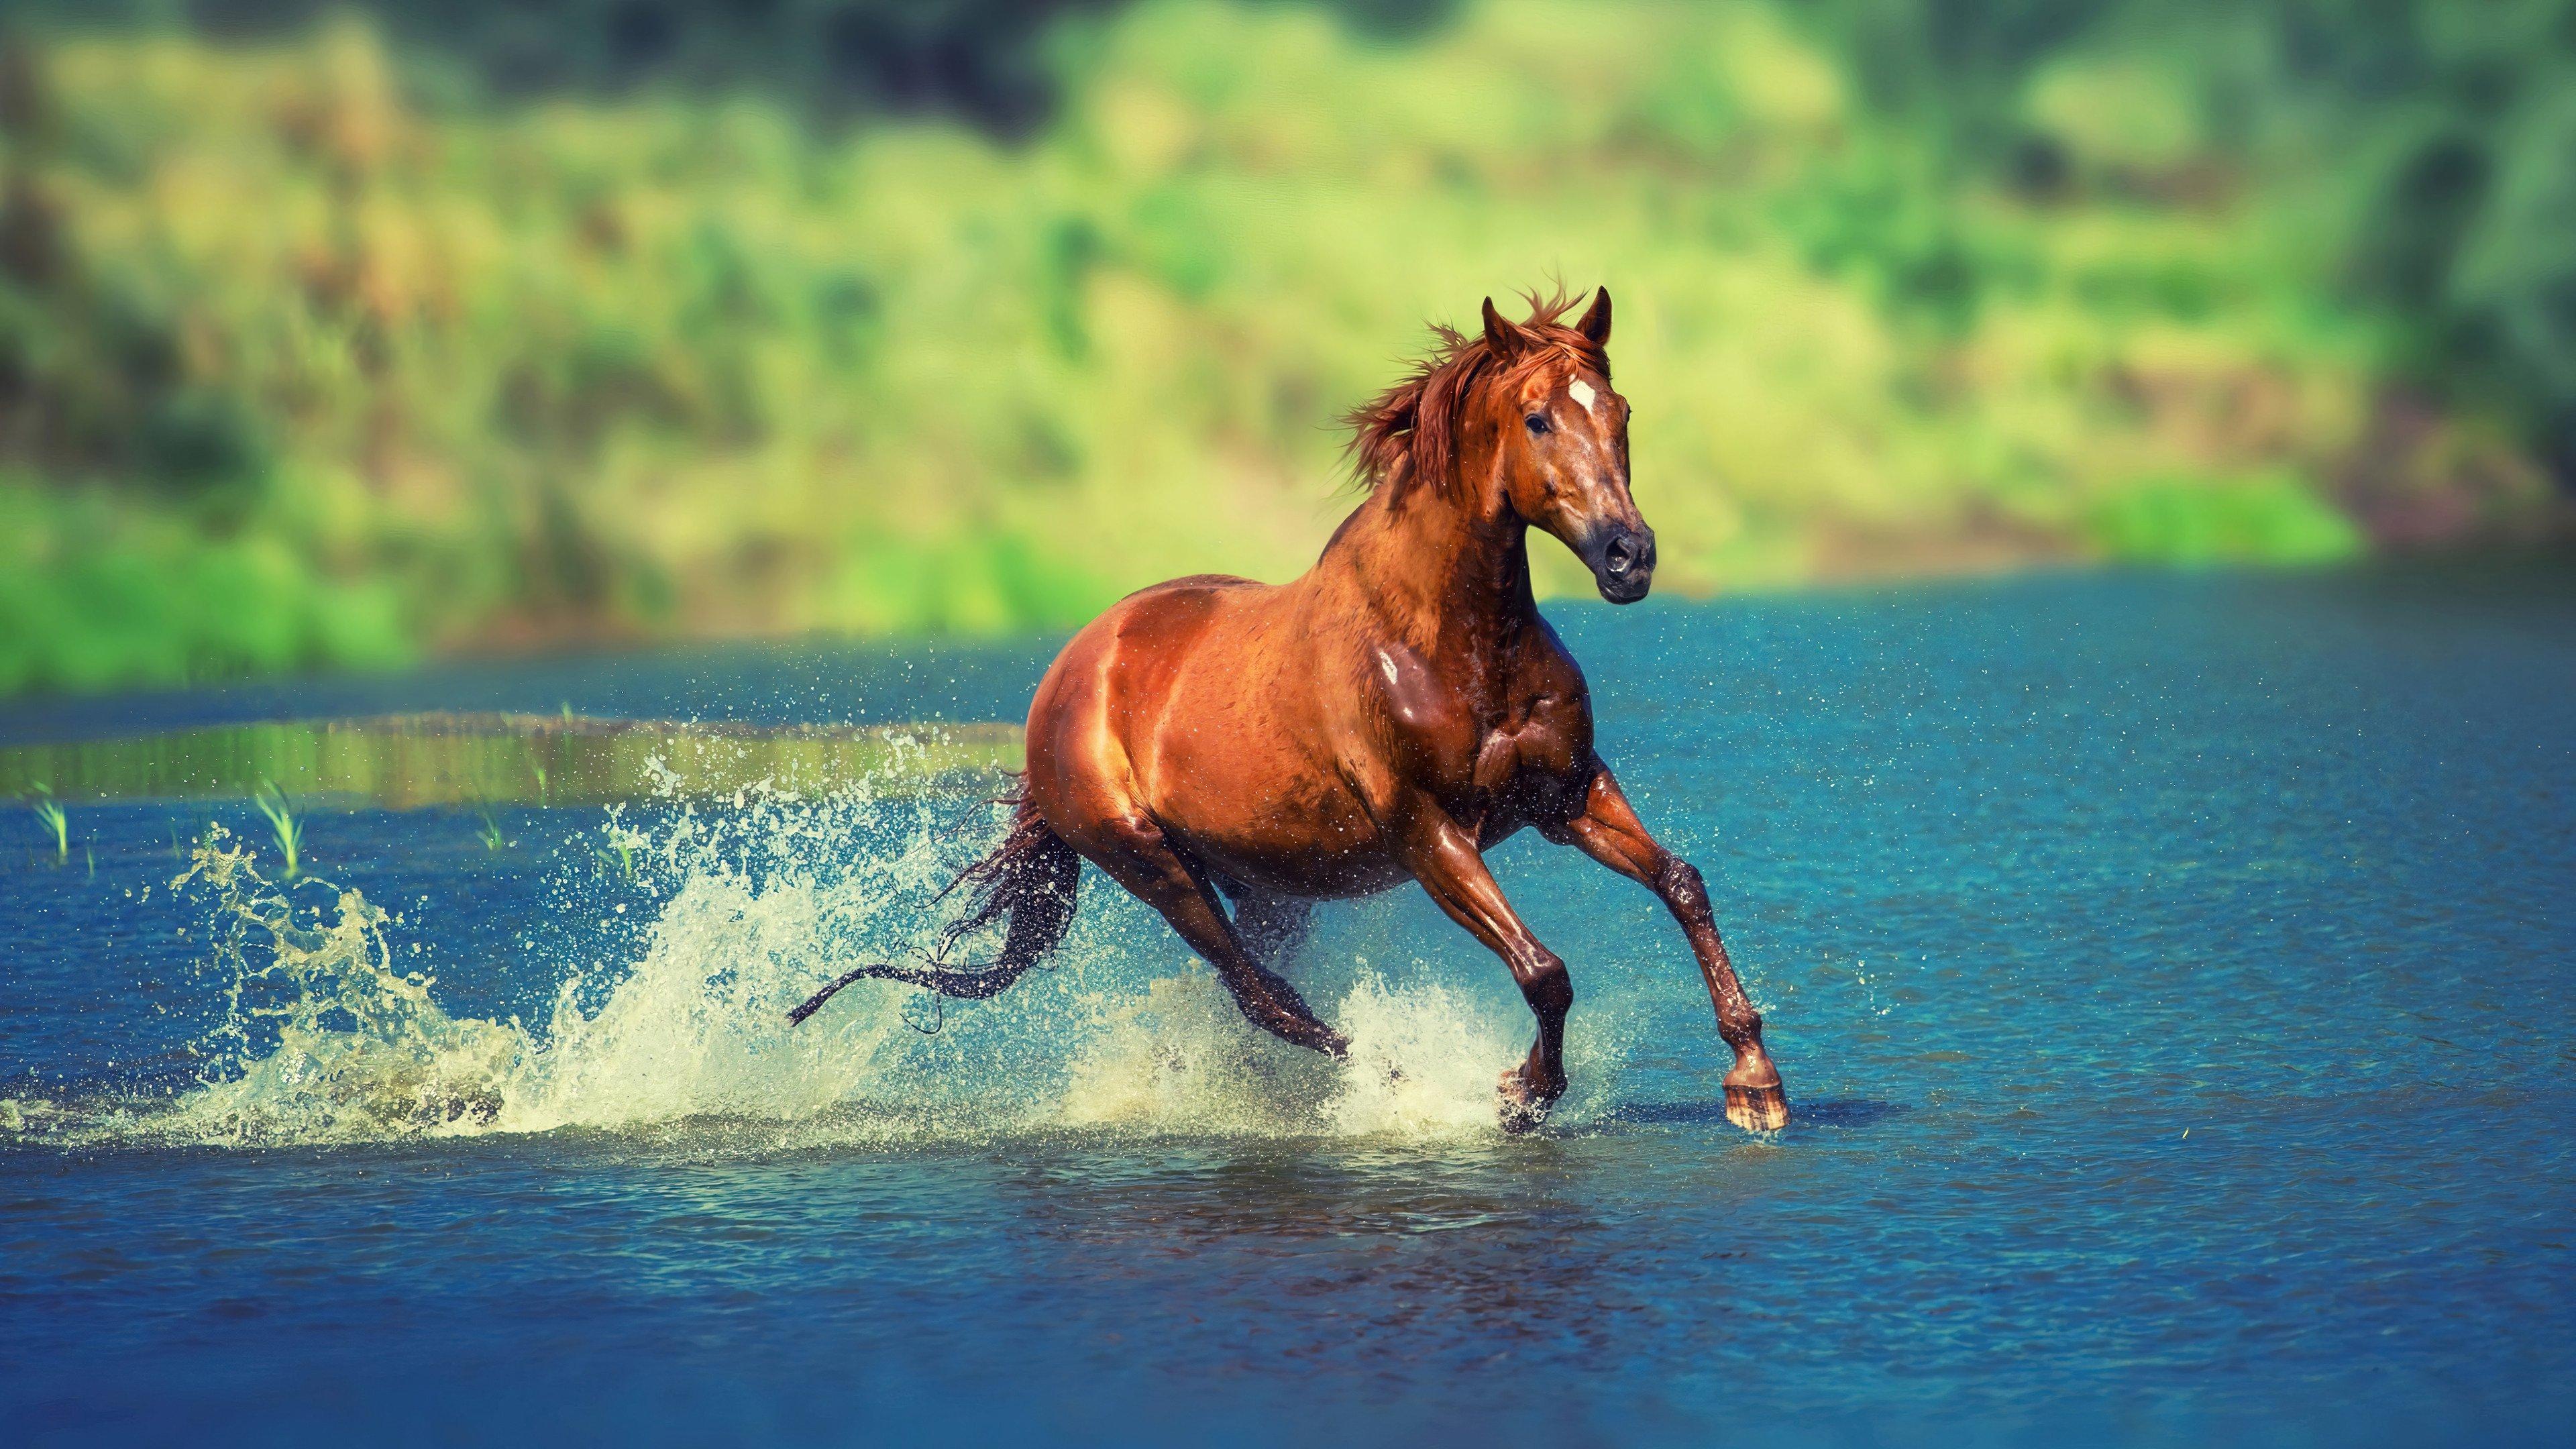 Wallpaper Horse running through water